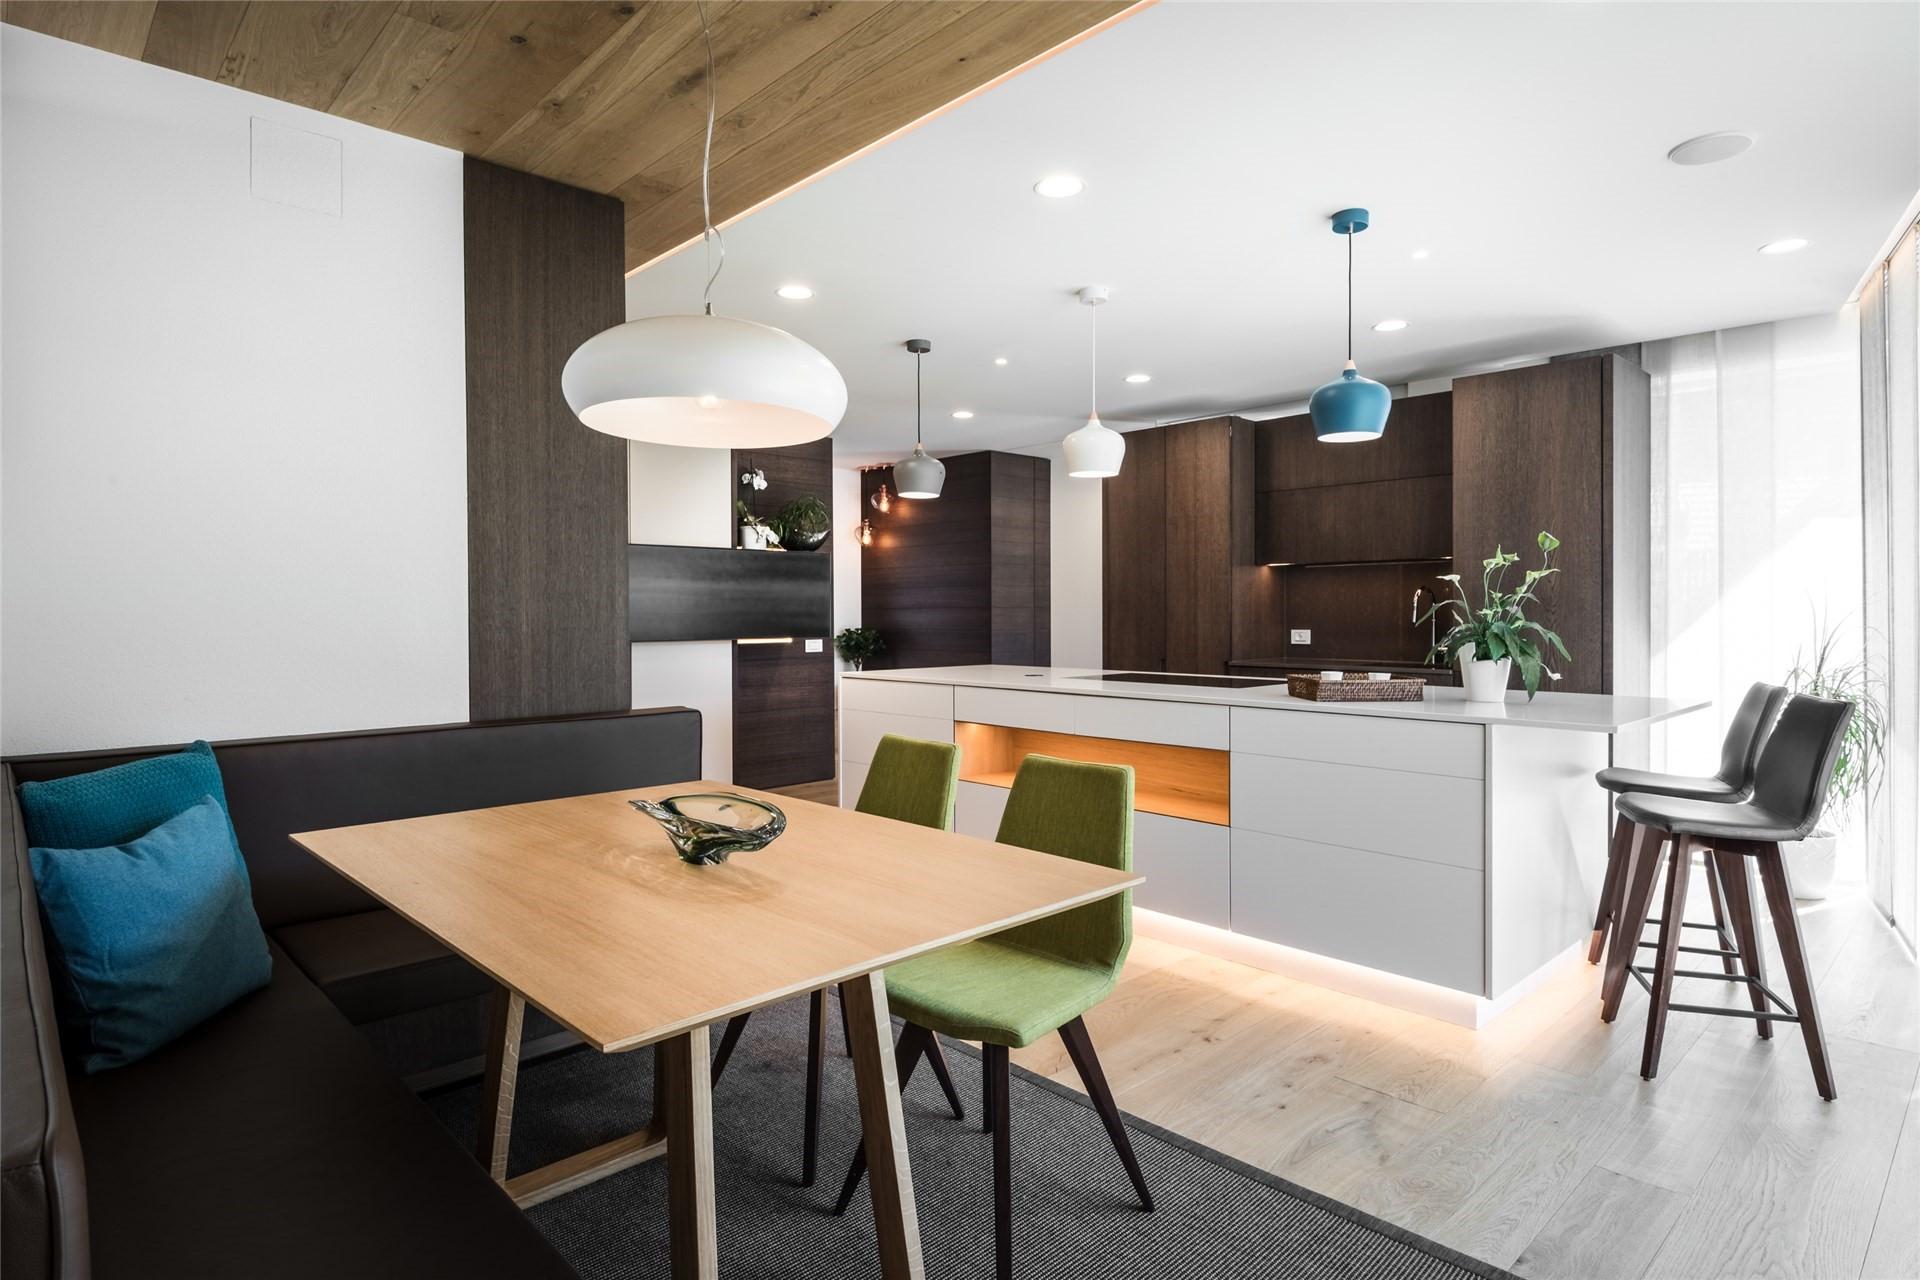 Cucine moderne rosy mobili mobilificio nichelino torino lube store